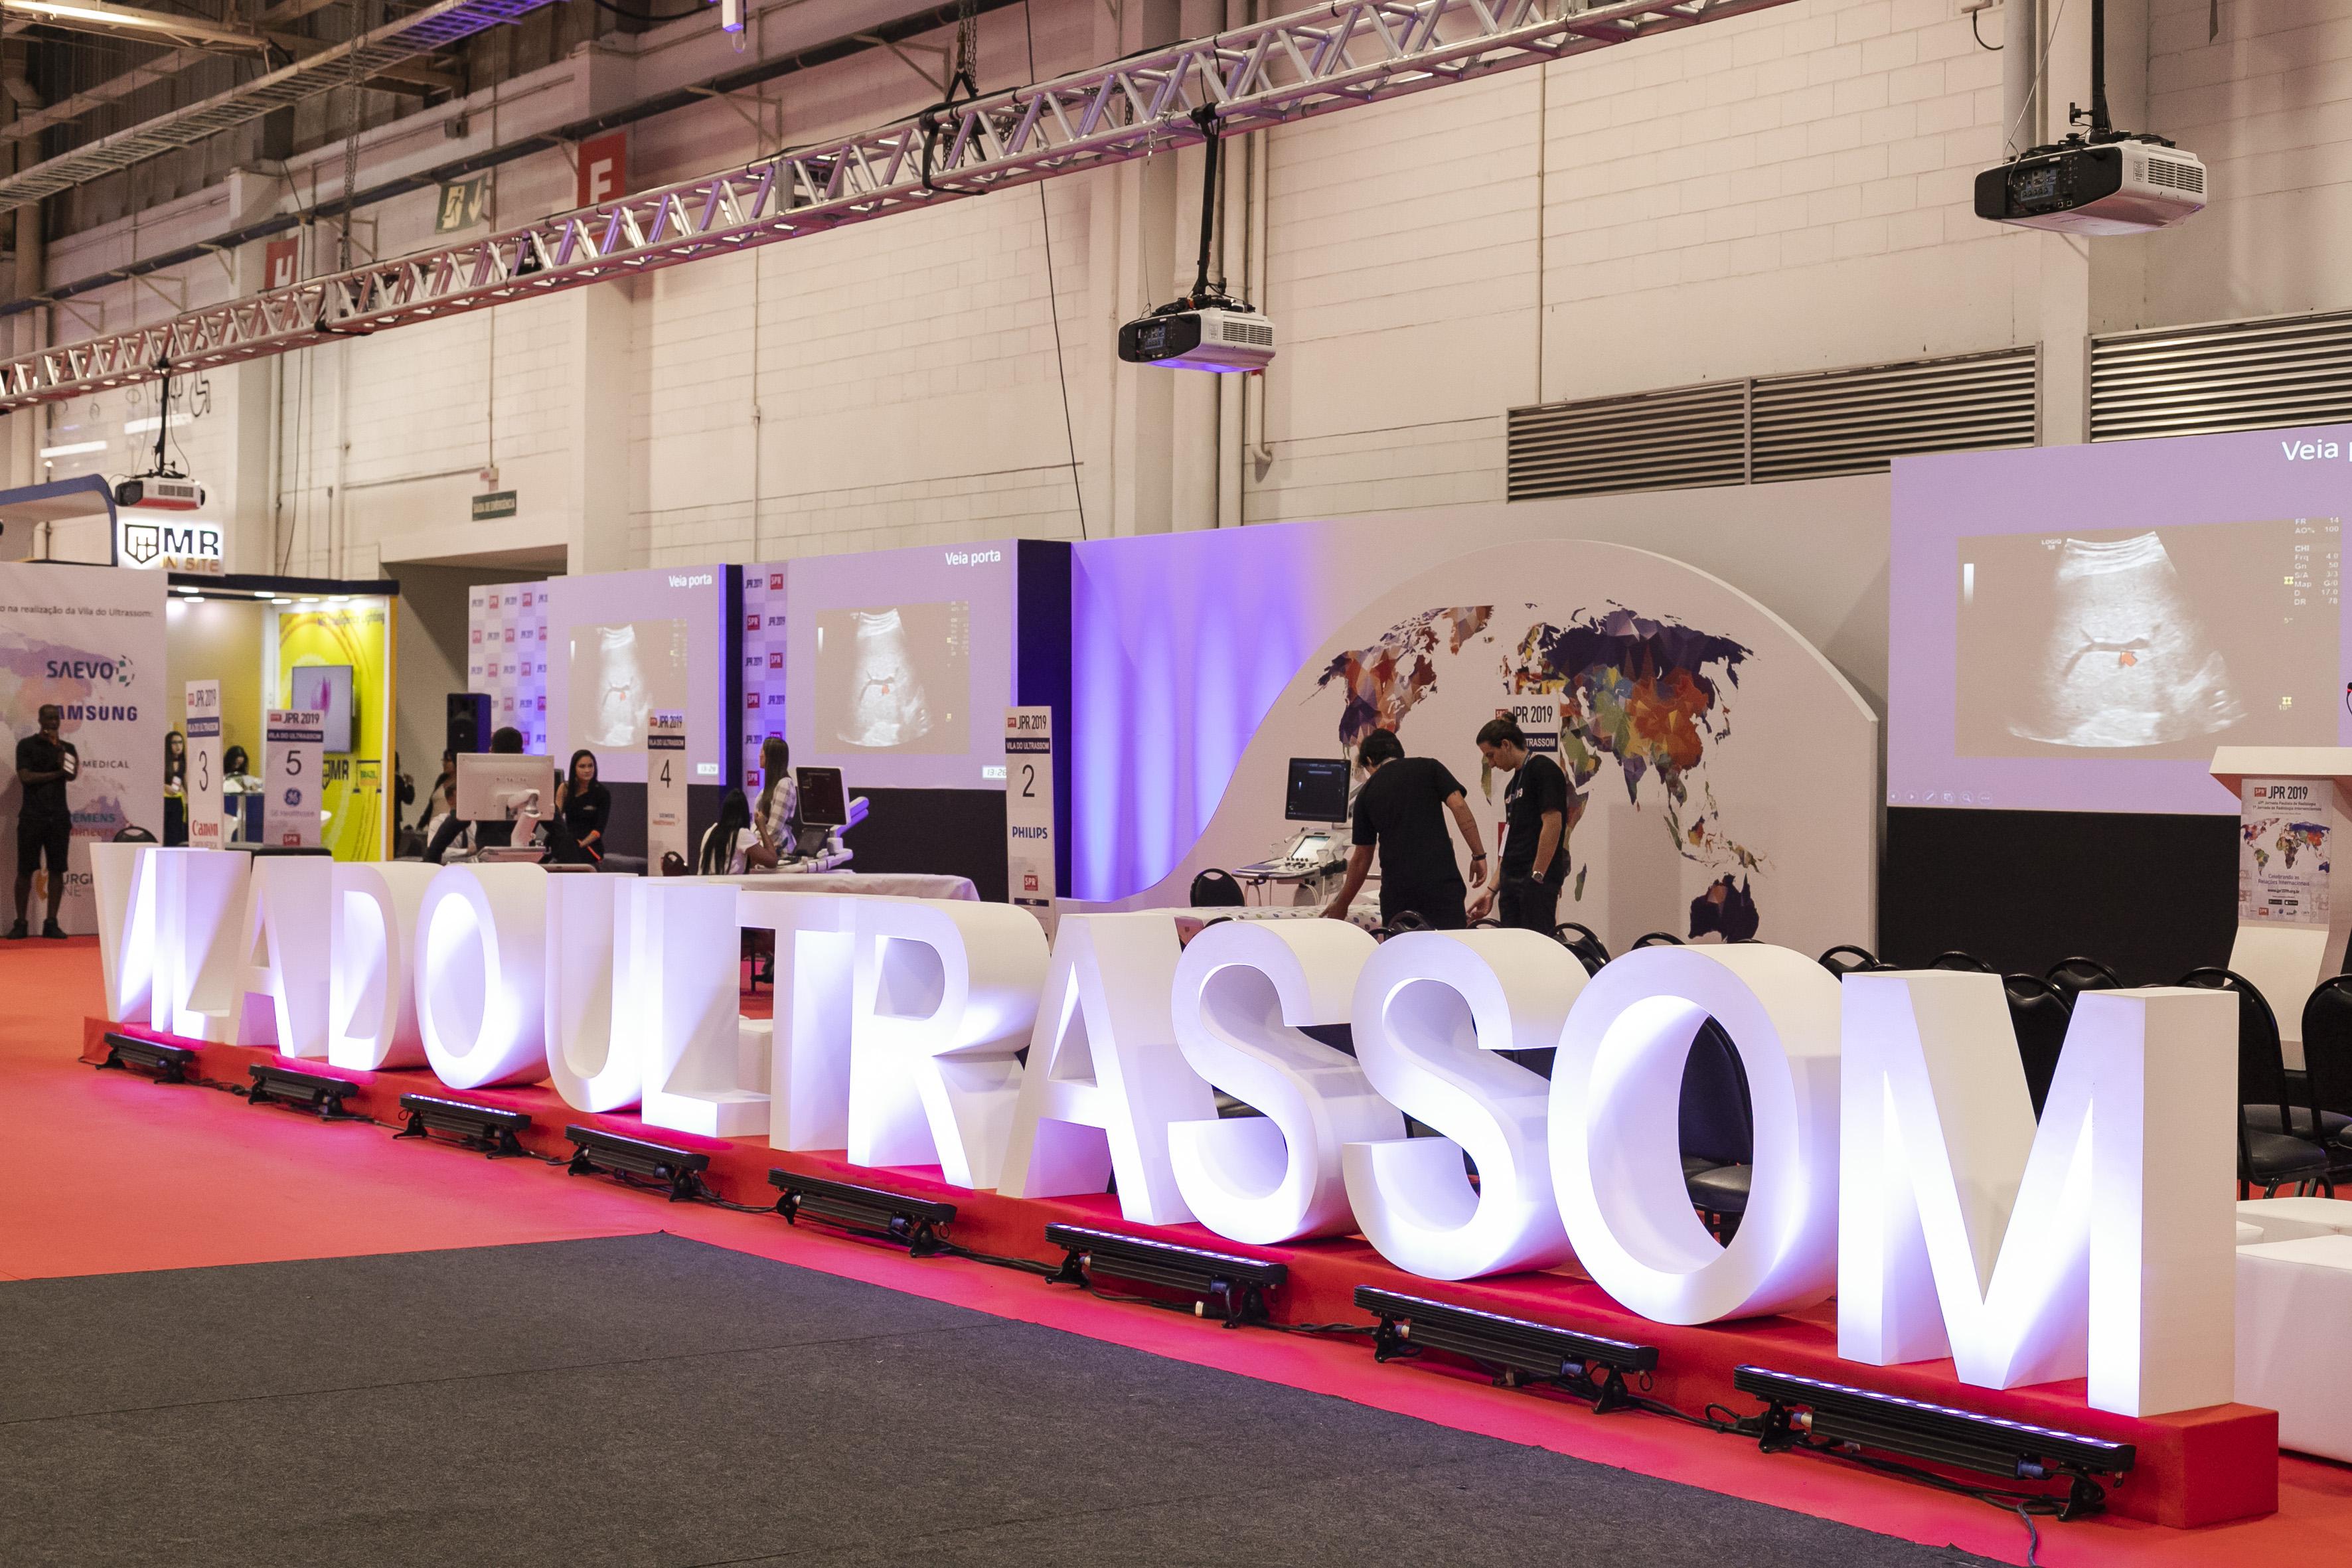 Ultrassom: envie perguntas para a Sessão de Discussão e Aprendizado Prático